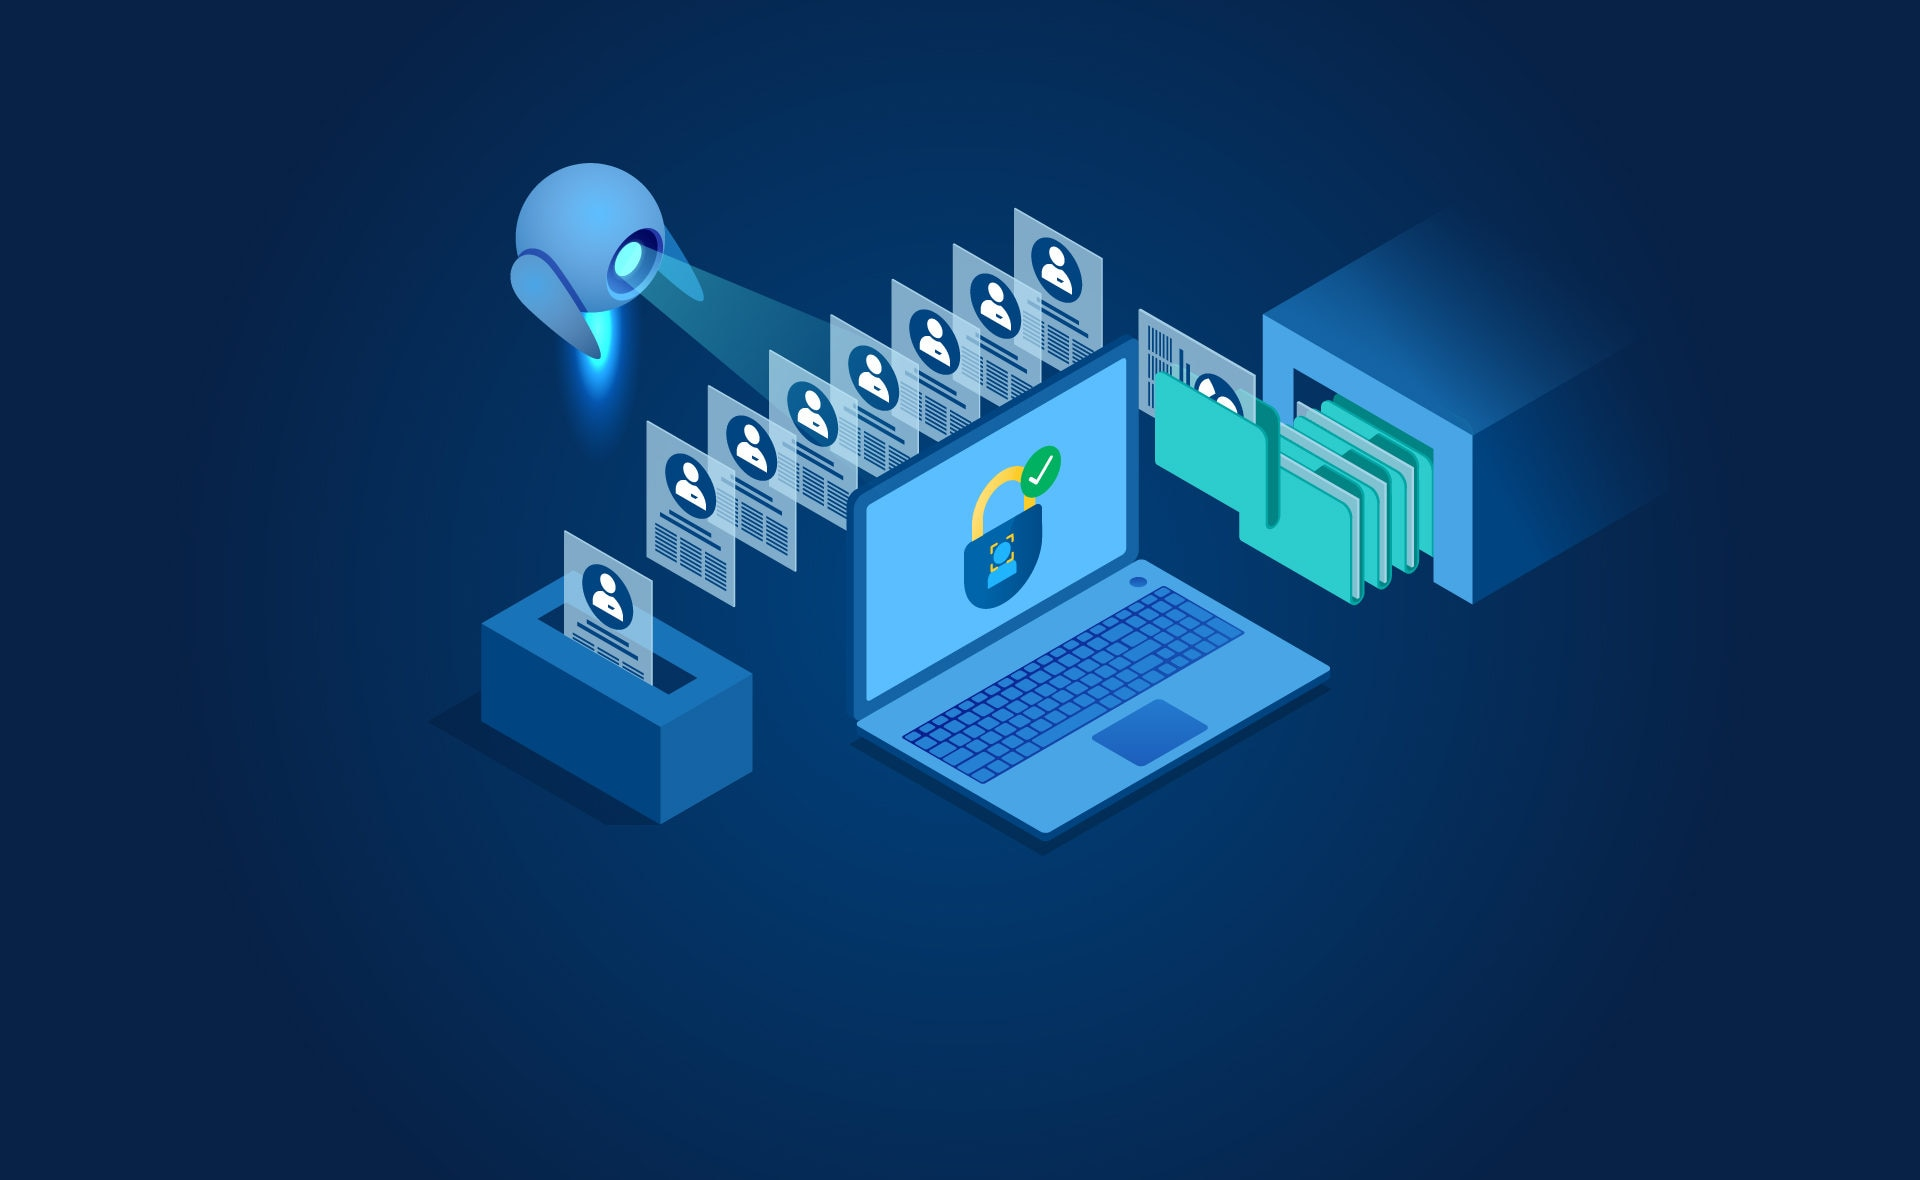 BBVA-AI-Data-etica-gobernanza-regulacion-inteligencia artificial